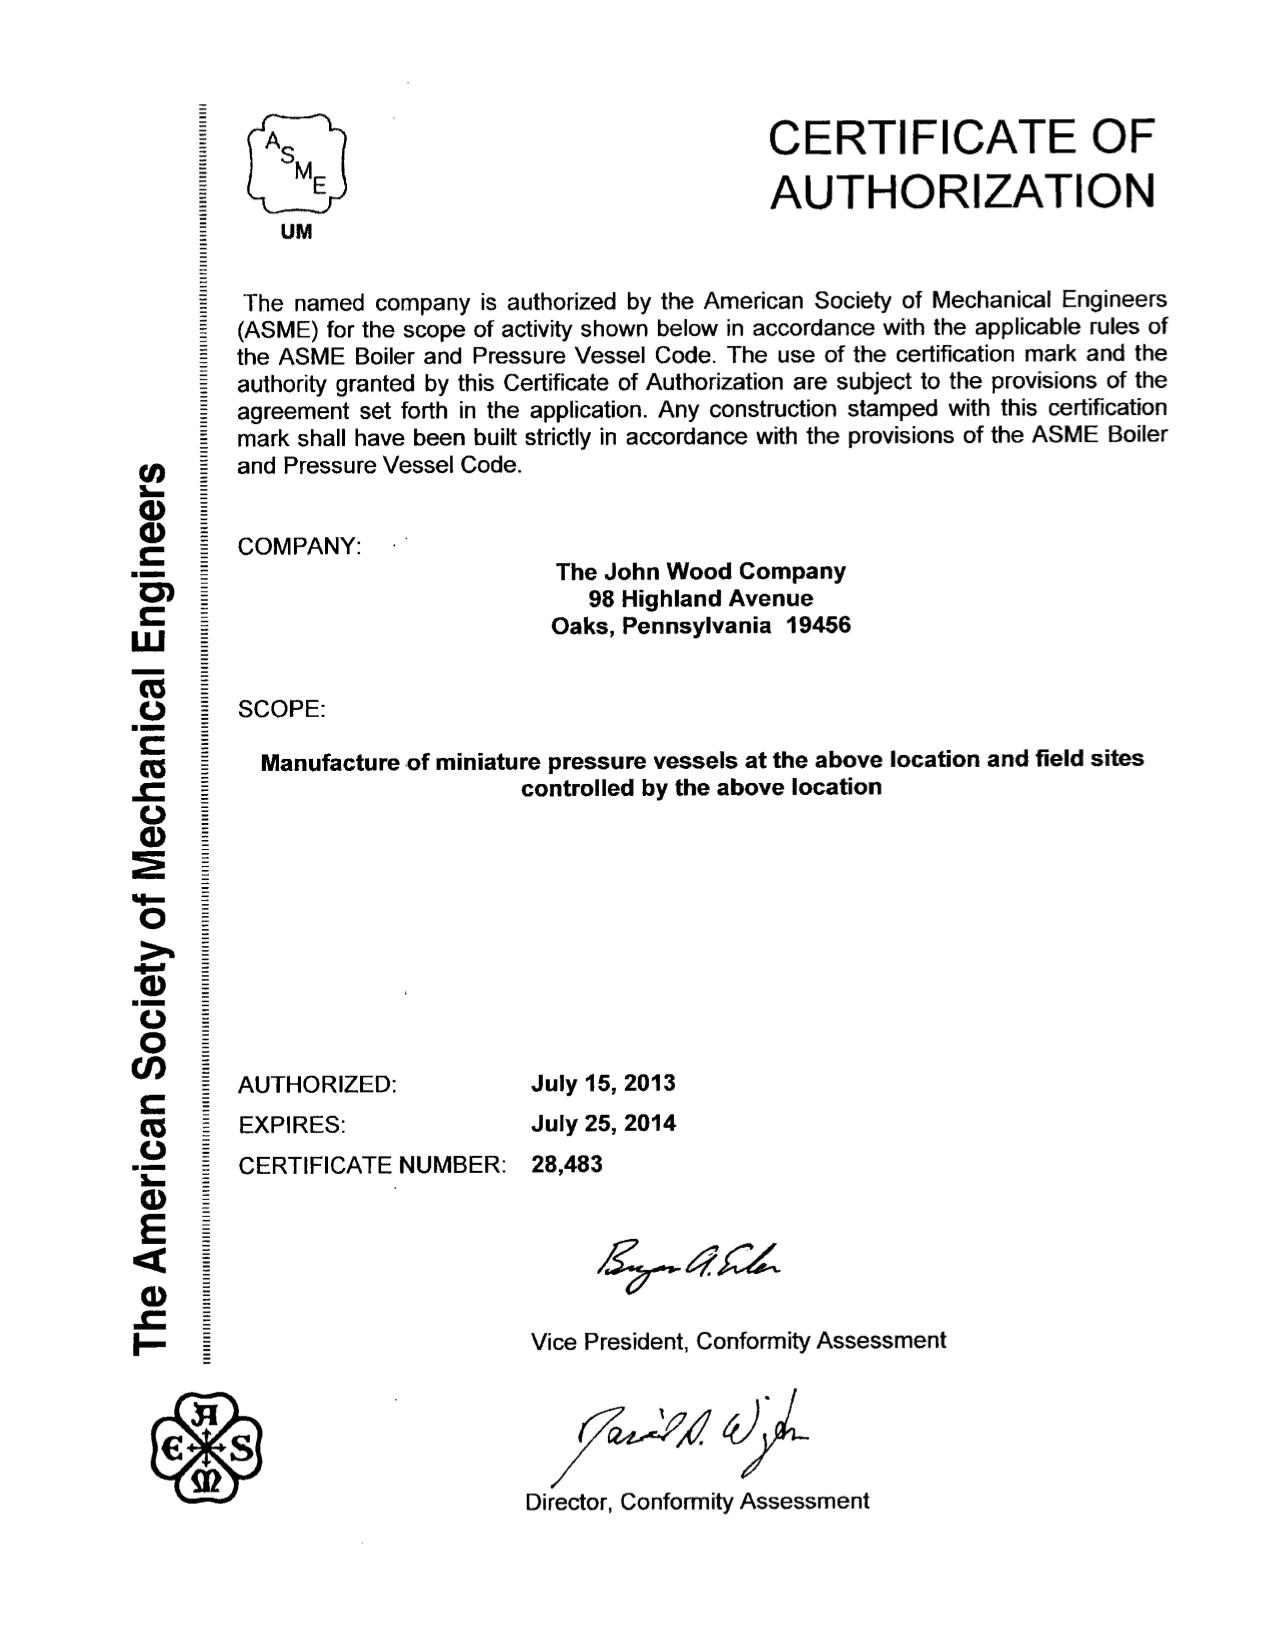 The John Wood Company Certificates The John Wood Company